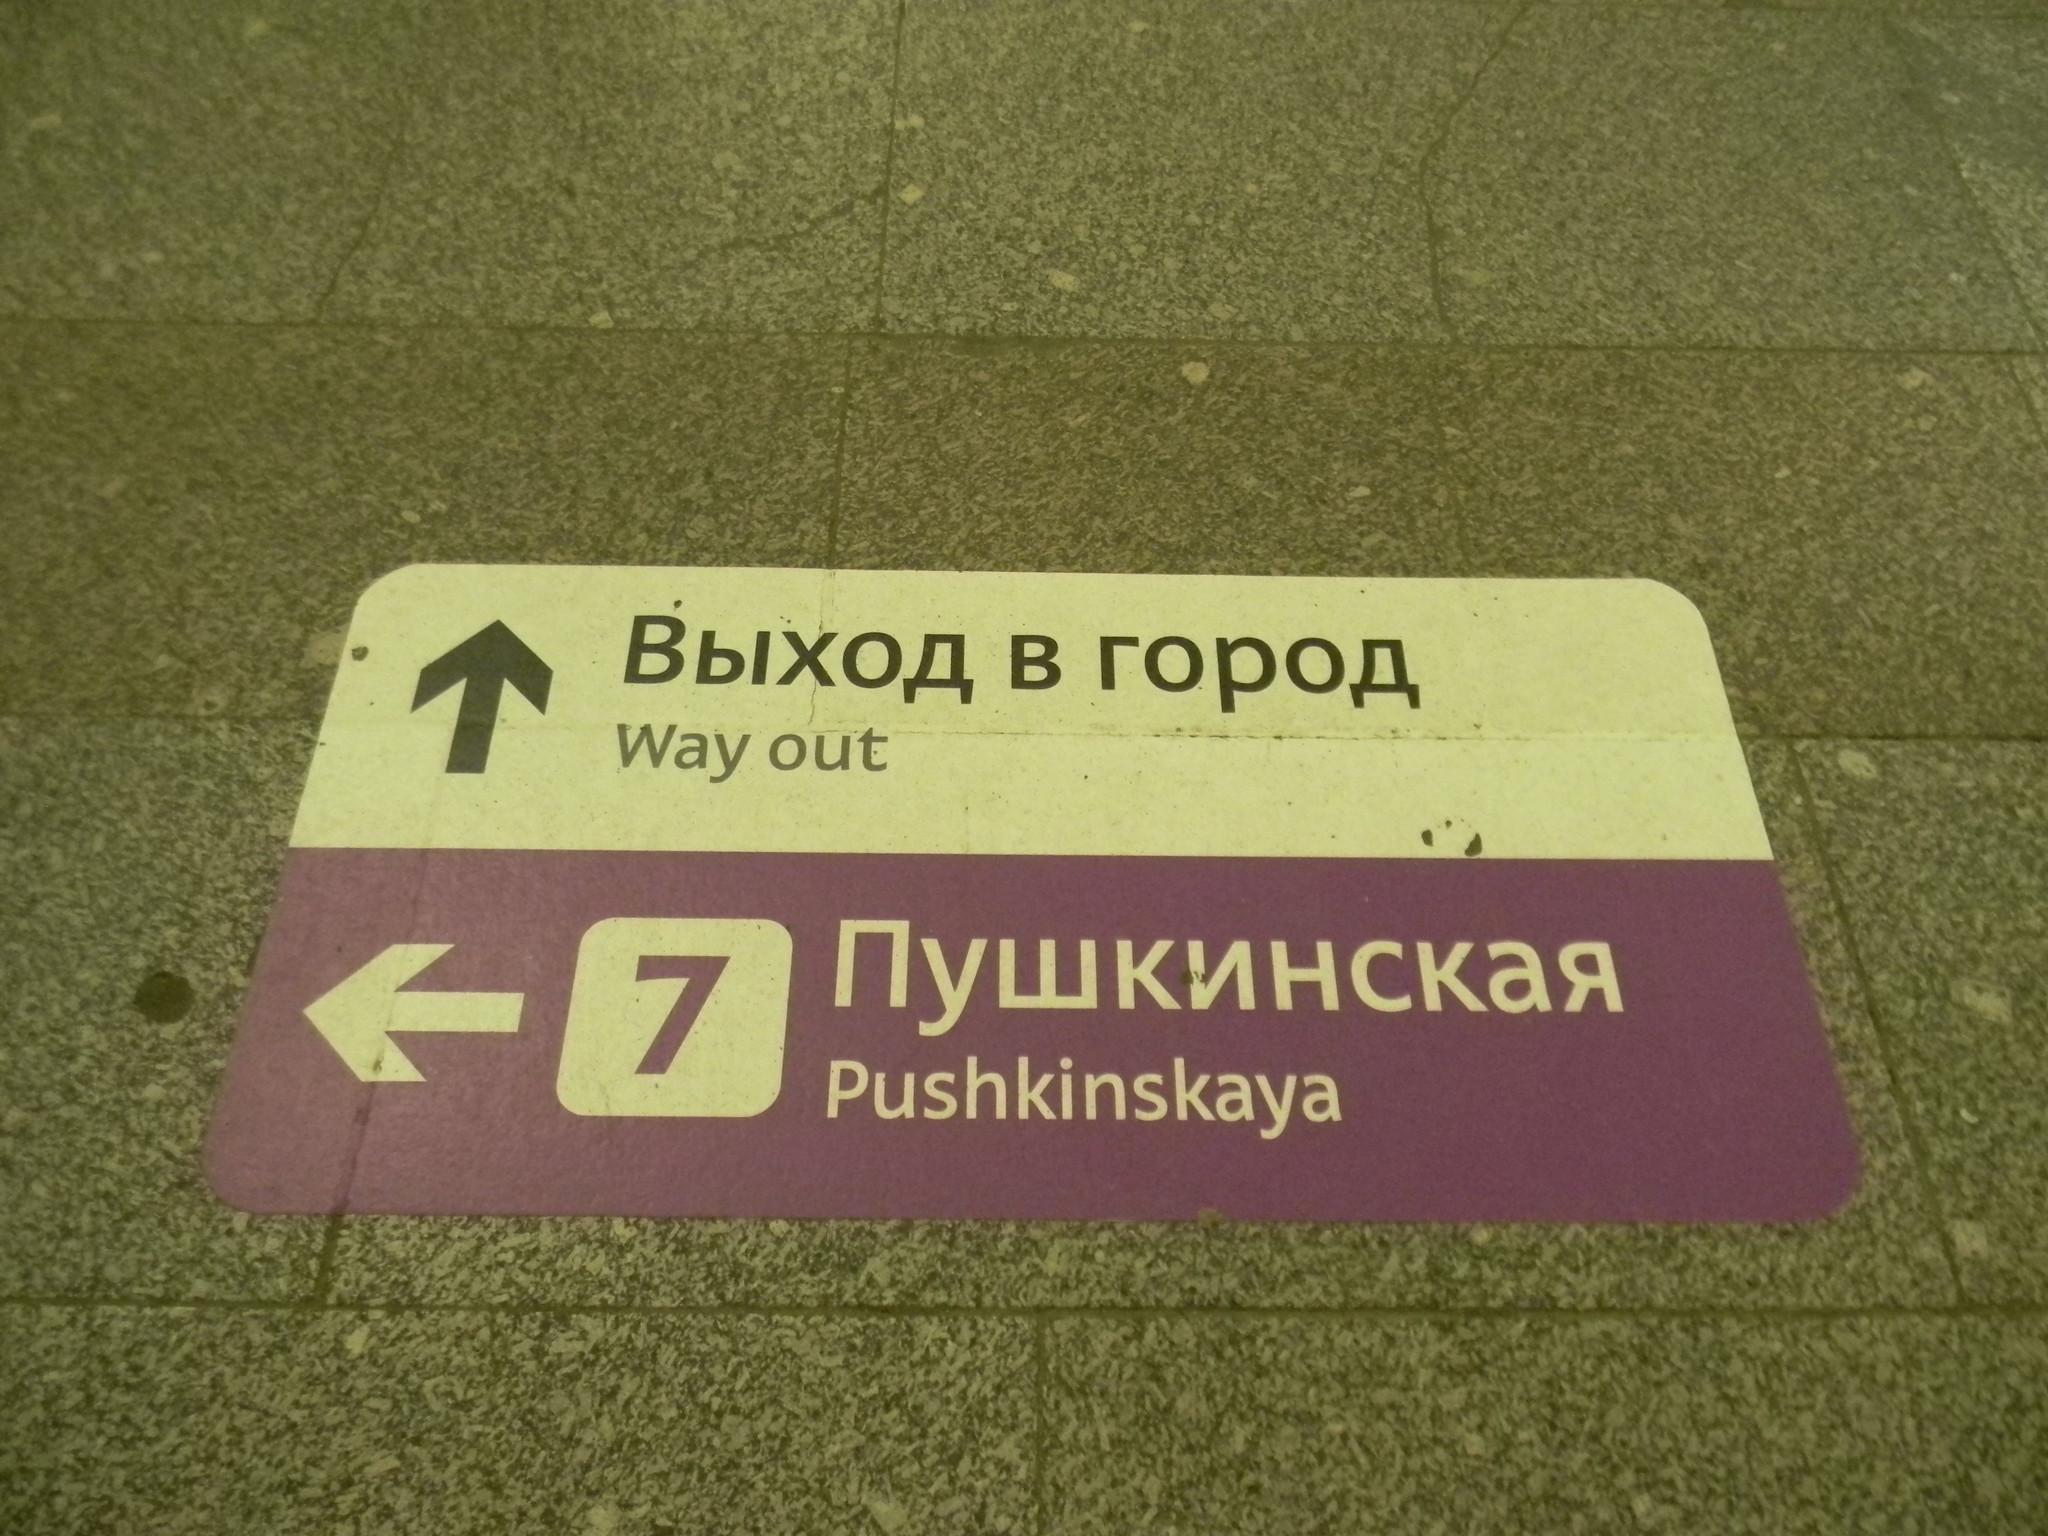 Указатели пересадок, выходов в город и обозначения станции